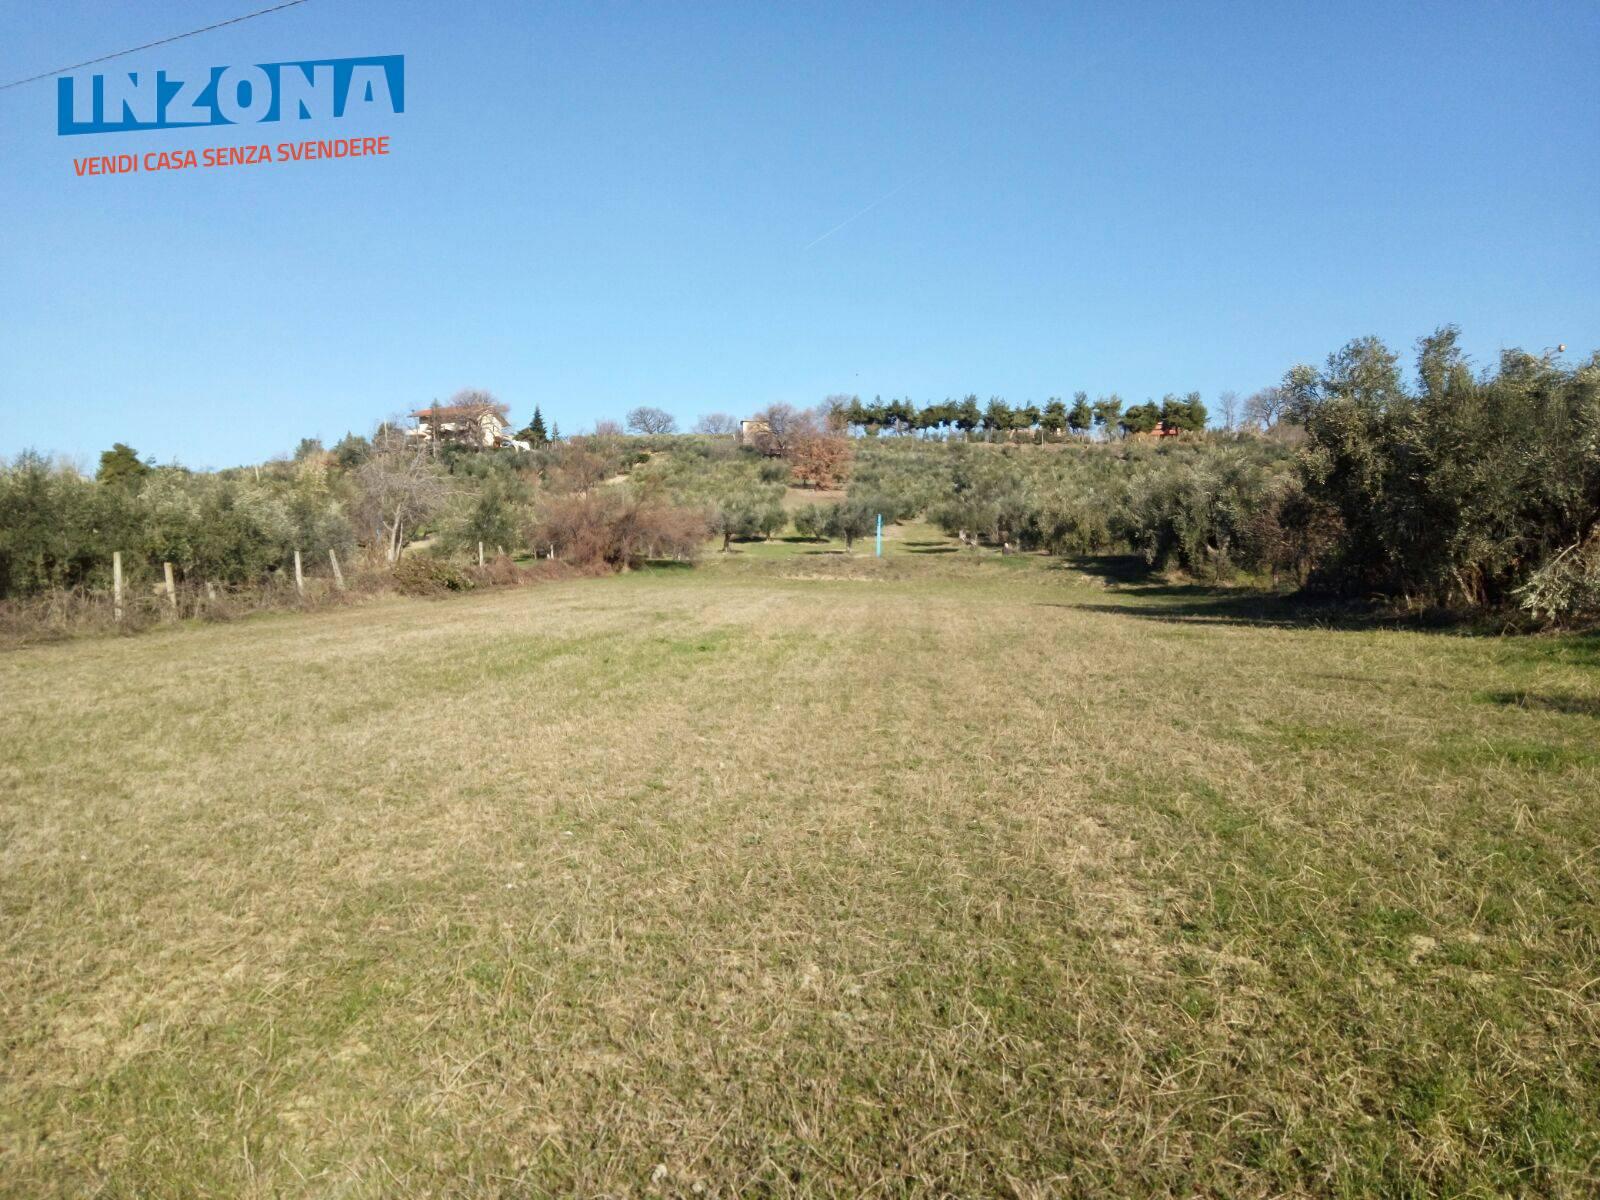 Terreno Edificabile Residenziale in vendita a Teramo, 9999 locali, zona Località: SanNicolòaTordino, prezzo € 41.000 | Cambio Casa.it